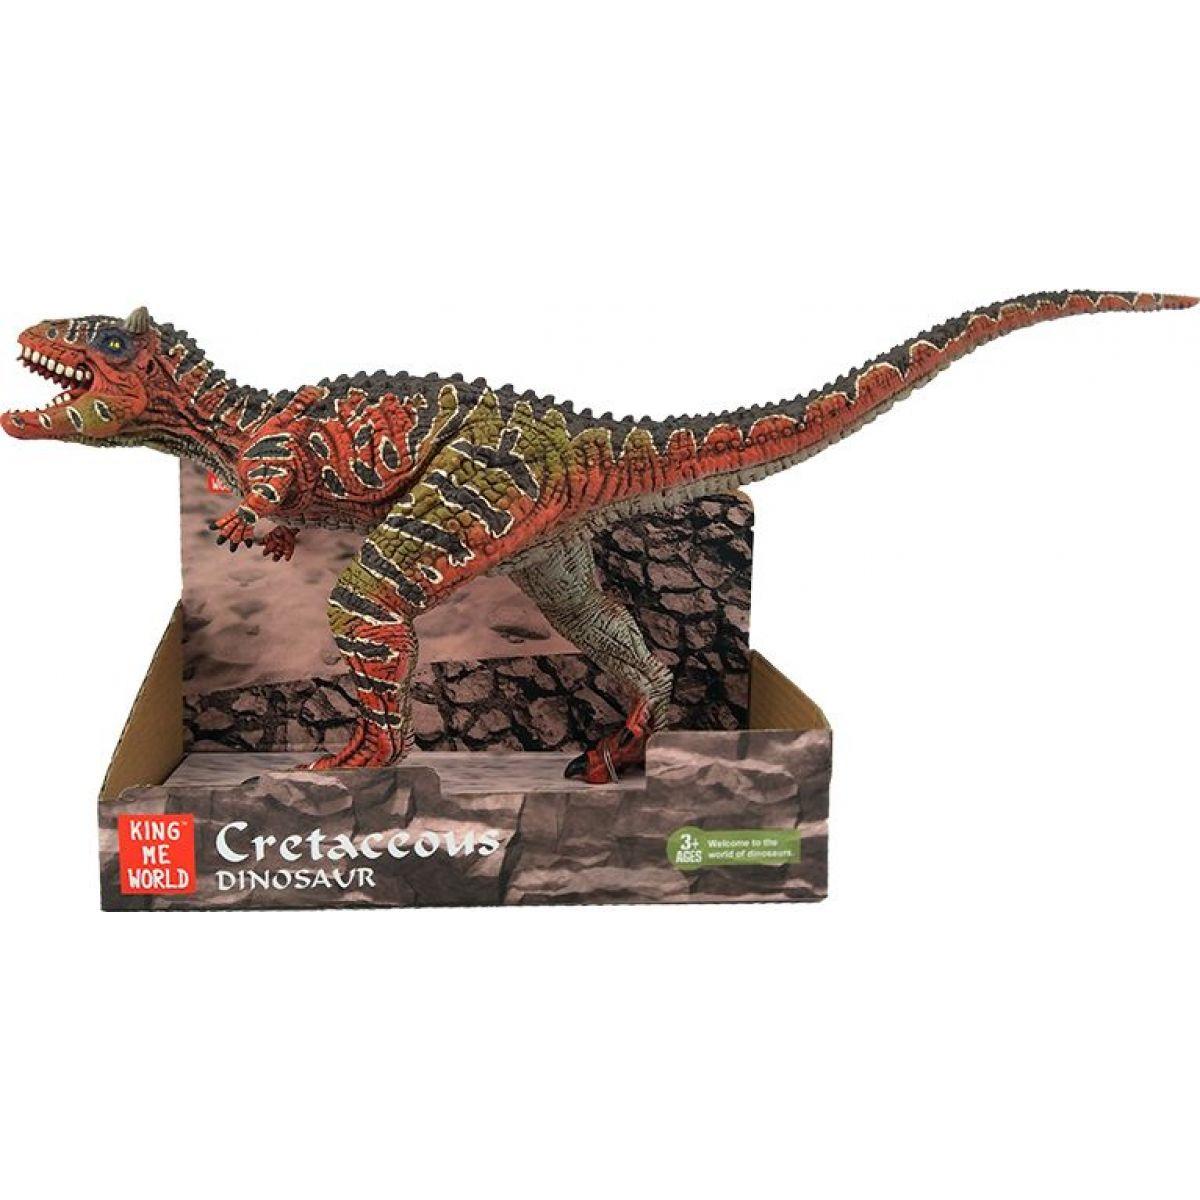 Hm Studio Torosaurus model 45 cm